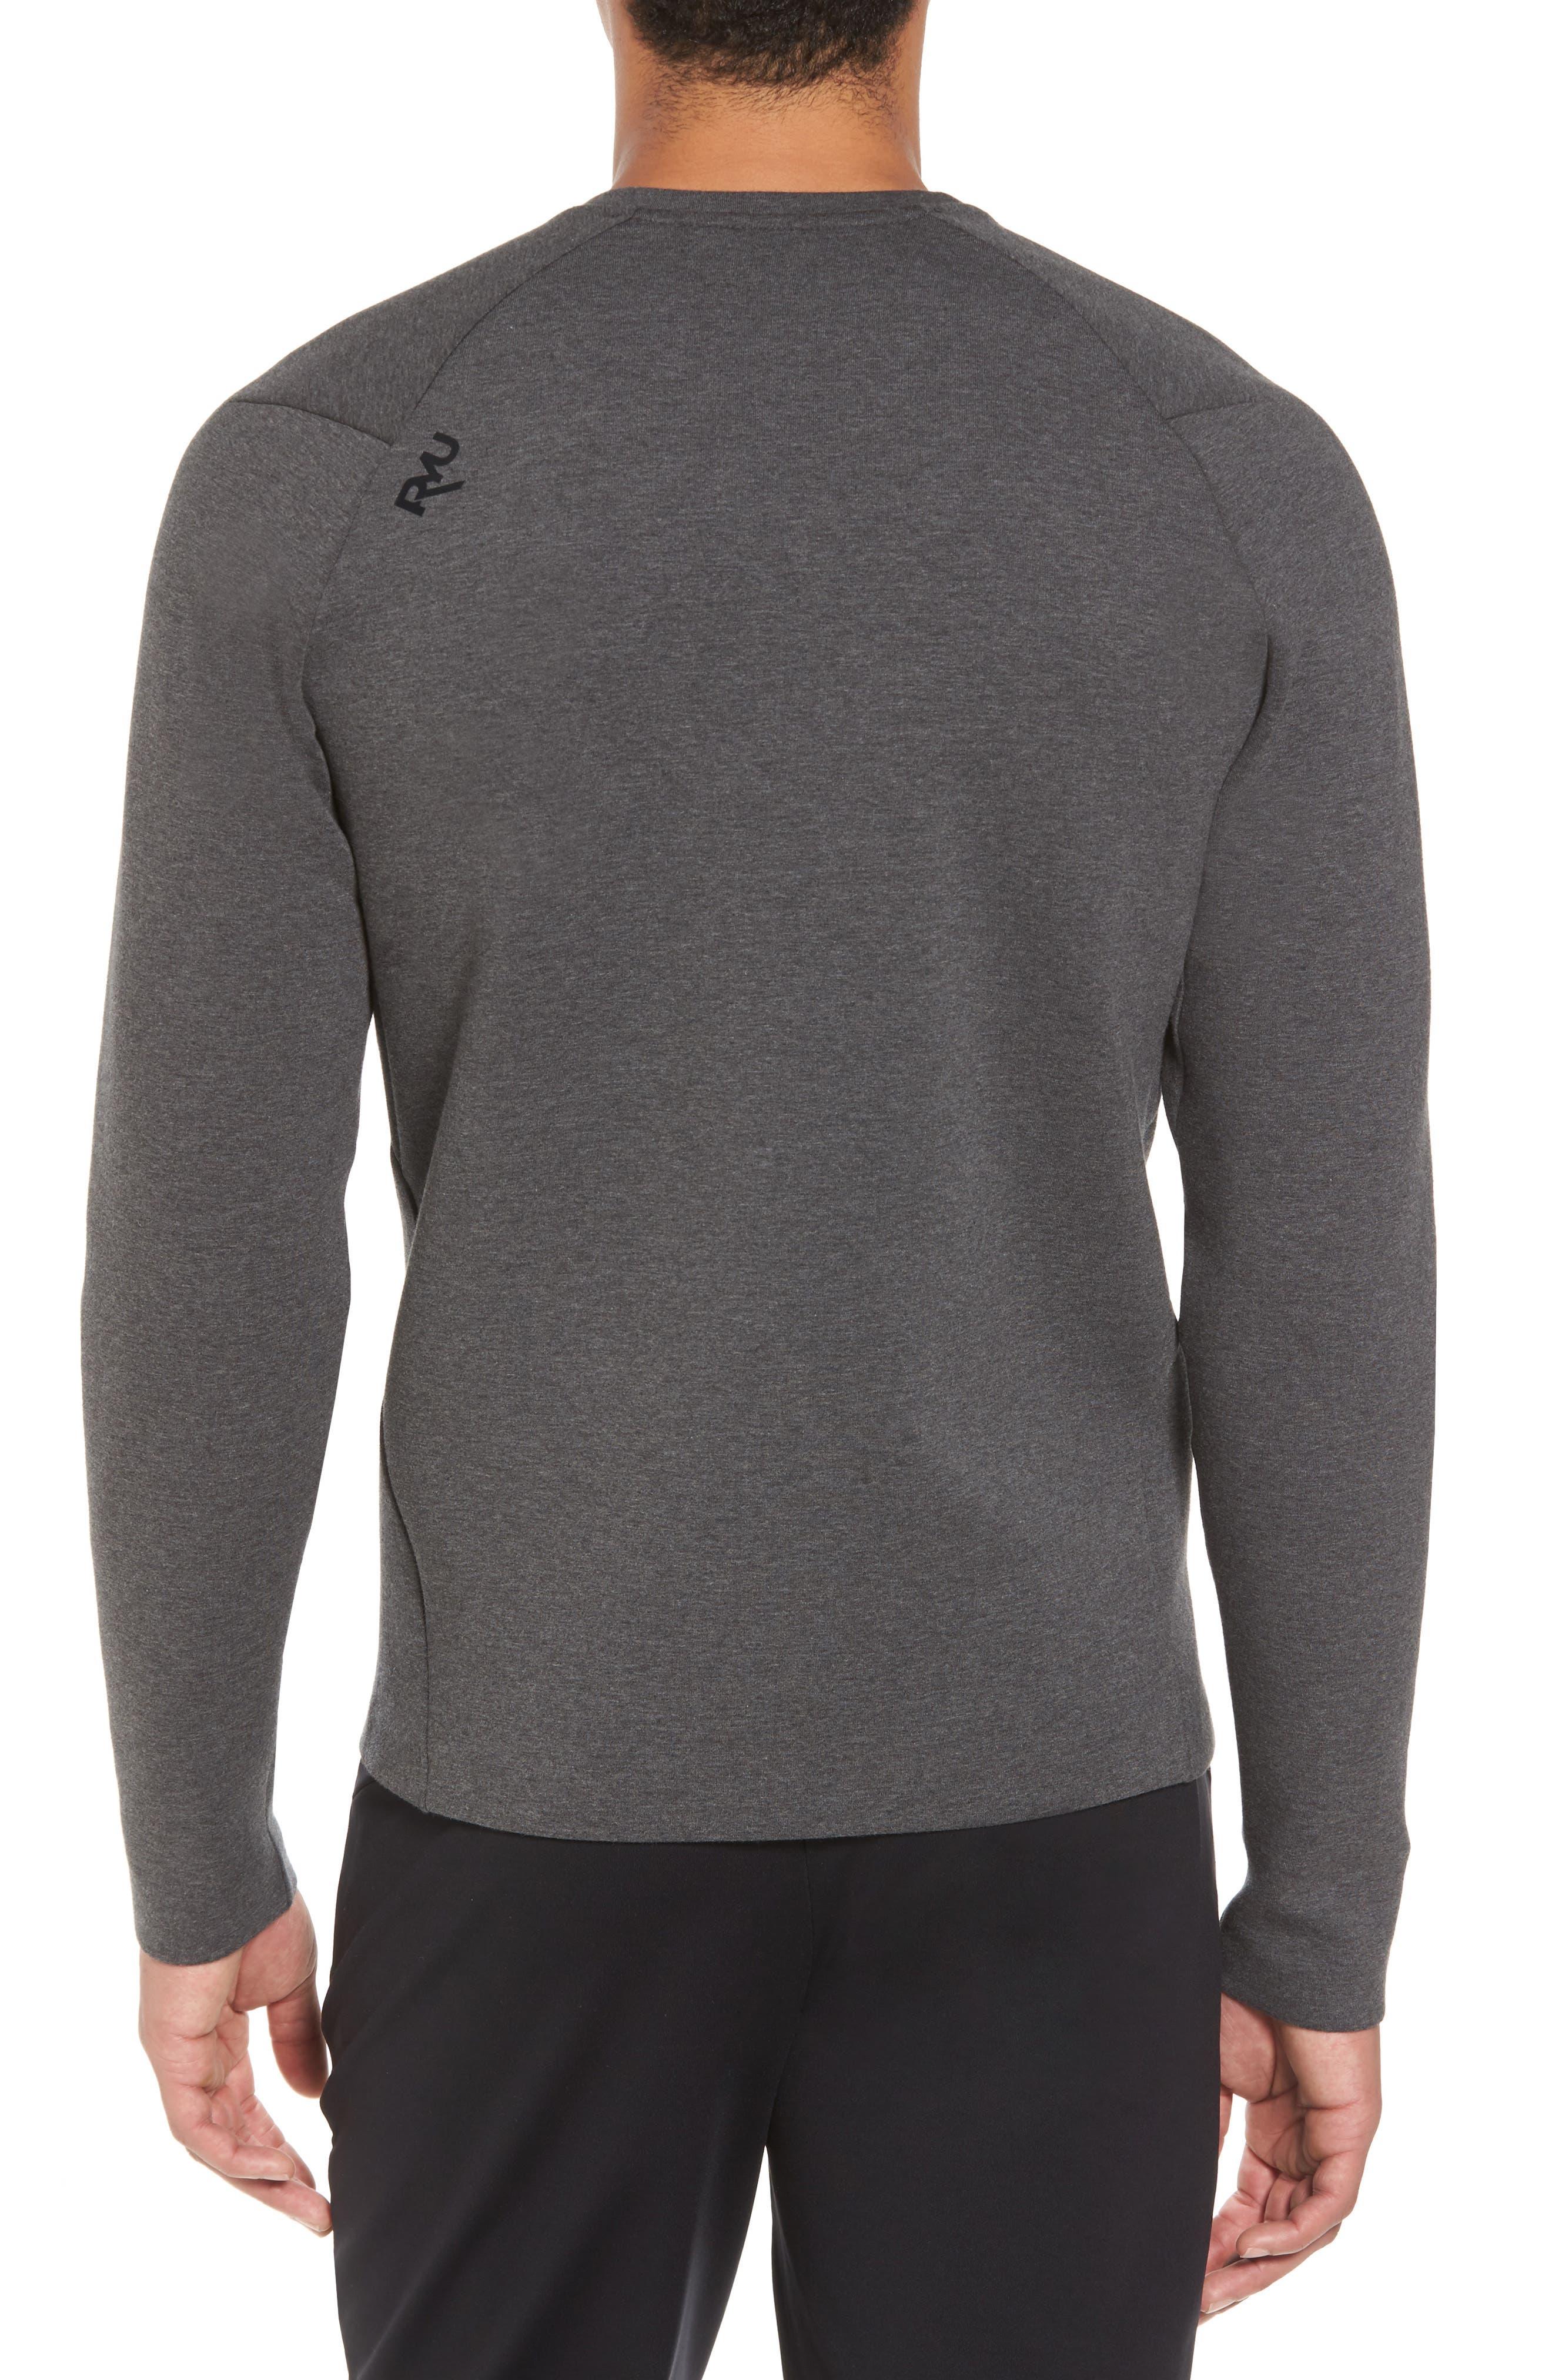 Ethos Cotton Blend Sweater,                             Alternate thumbnail 2, color,                             021